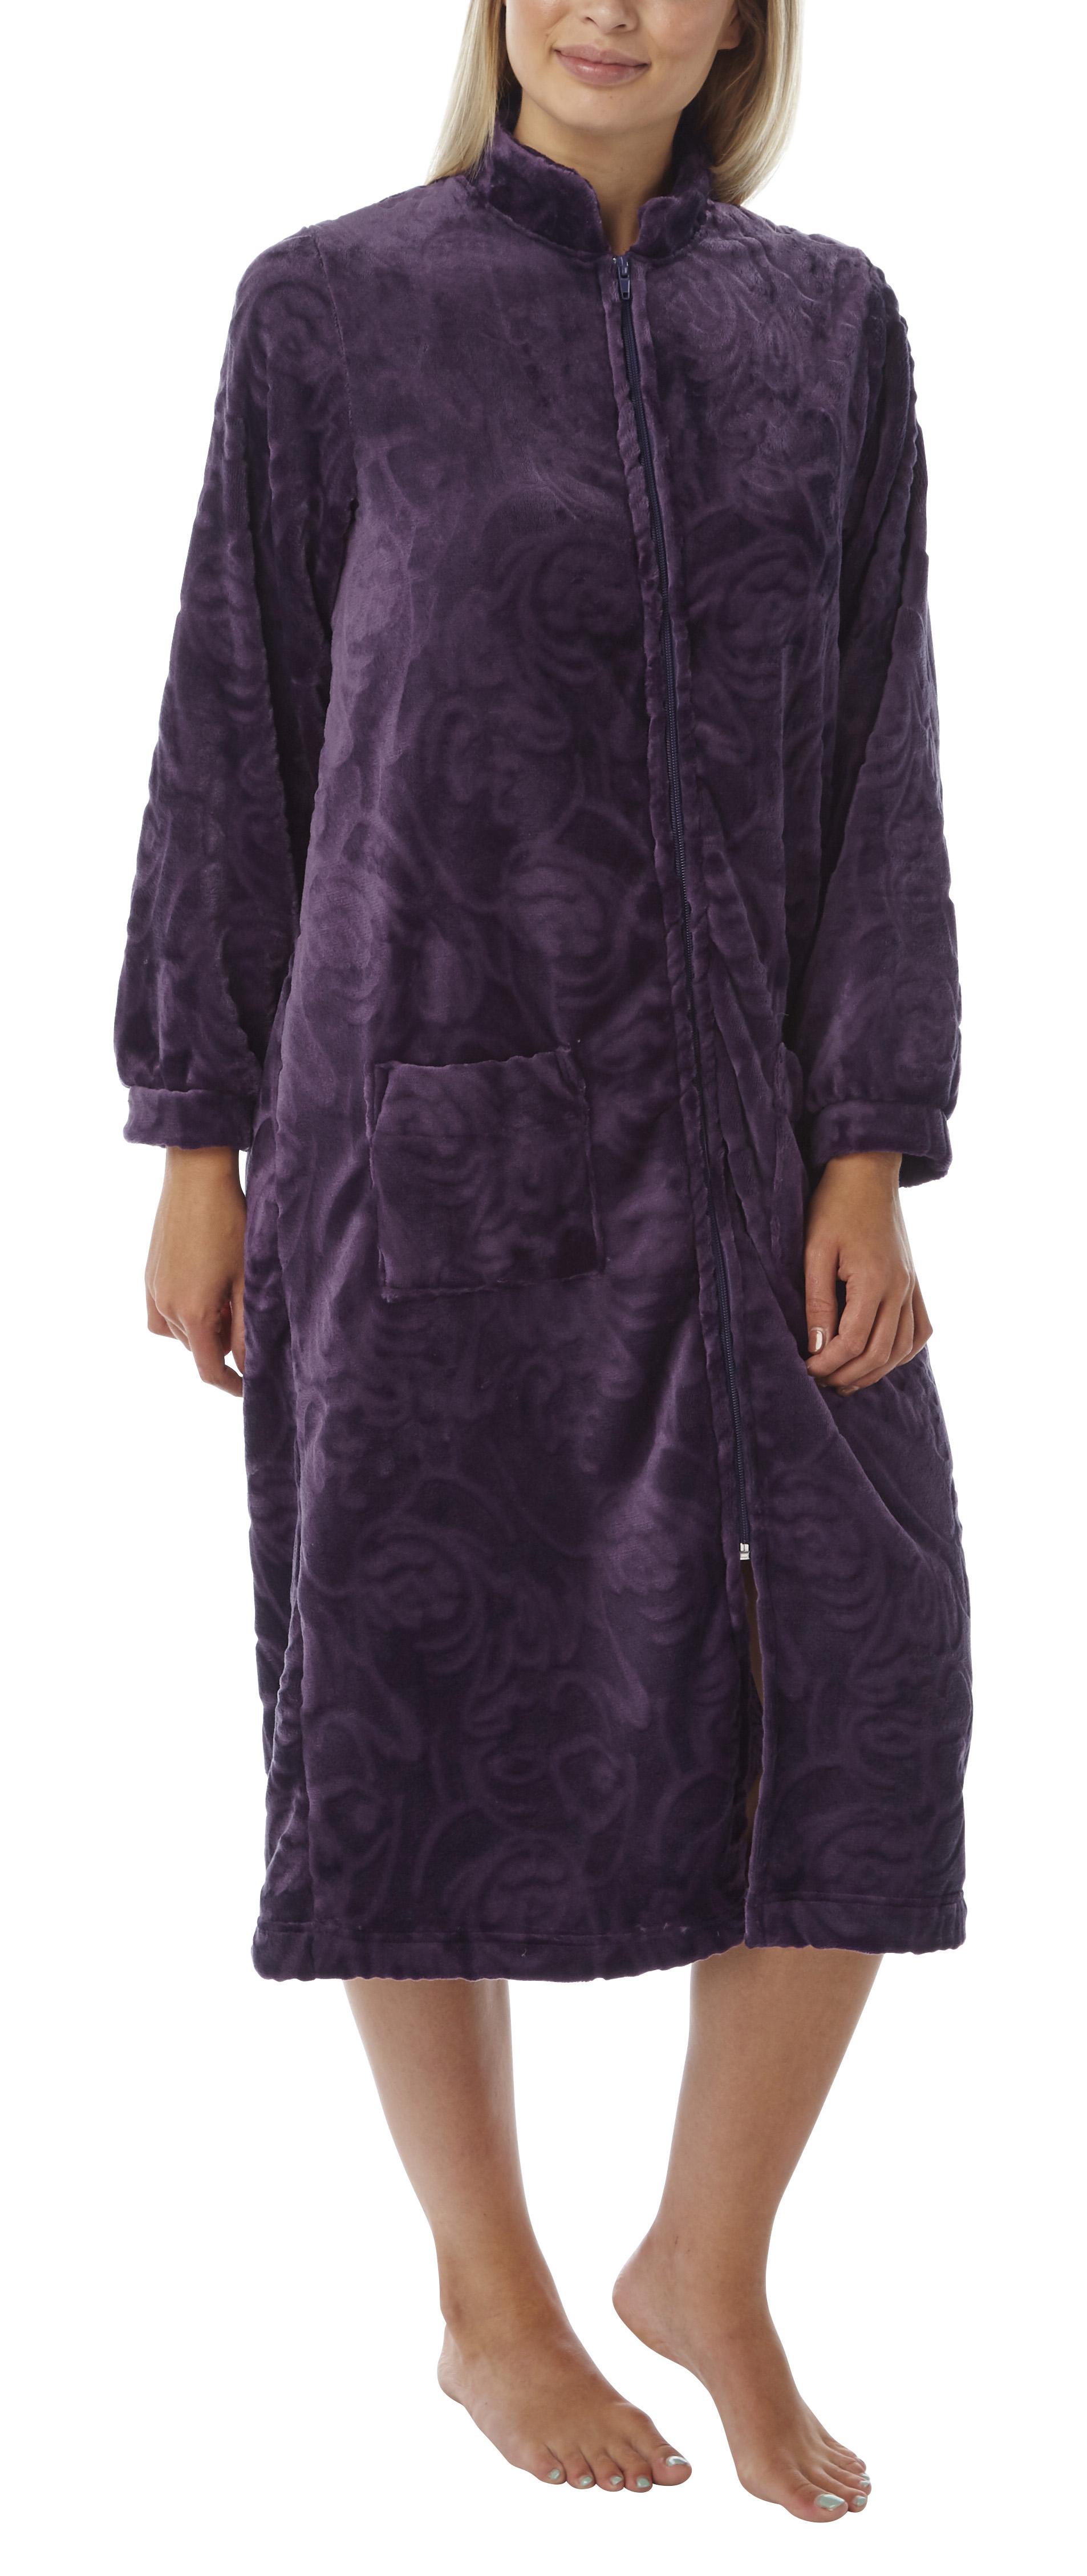 Ladies Marsylka Embossed Fleece Zip Housecoat 20-22 Aubergine | eBay